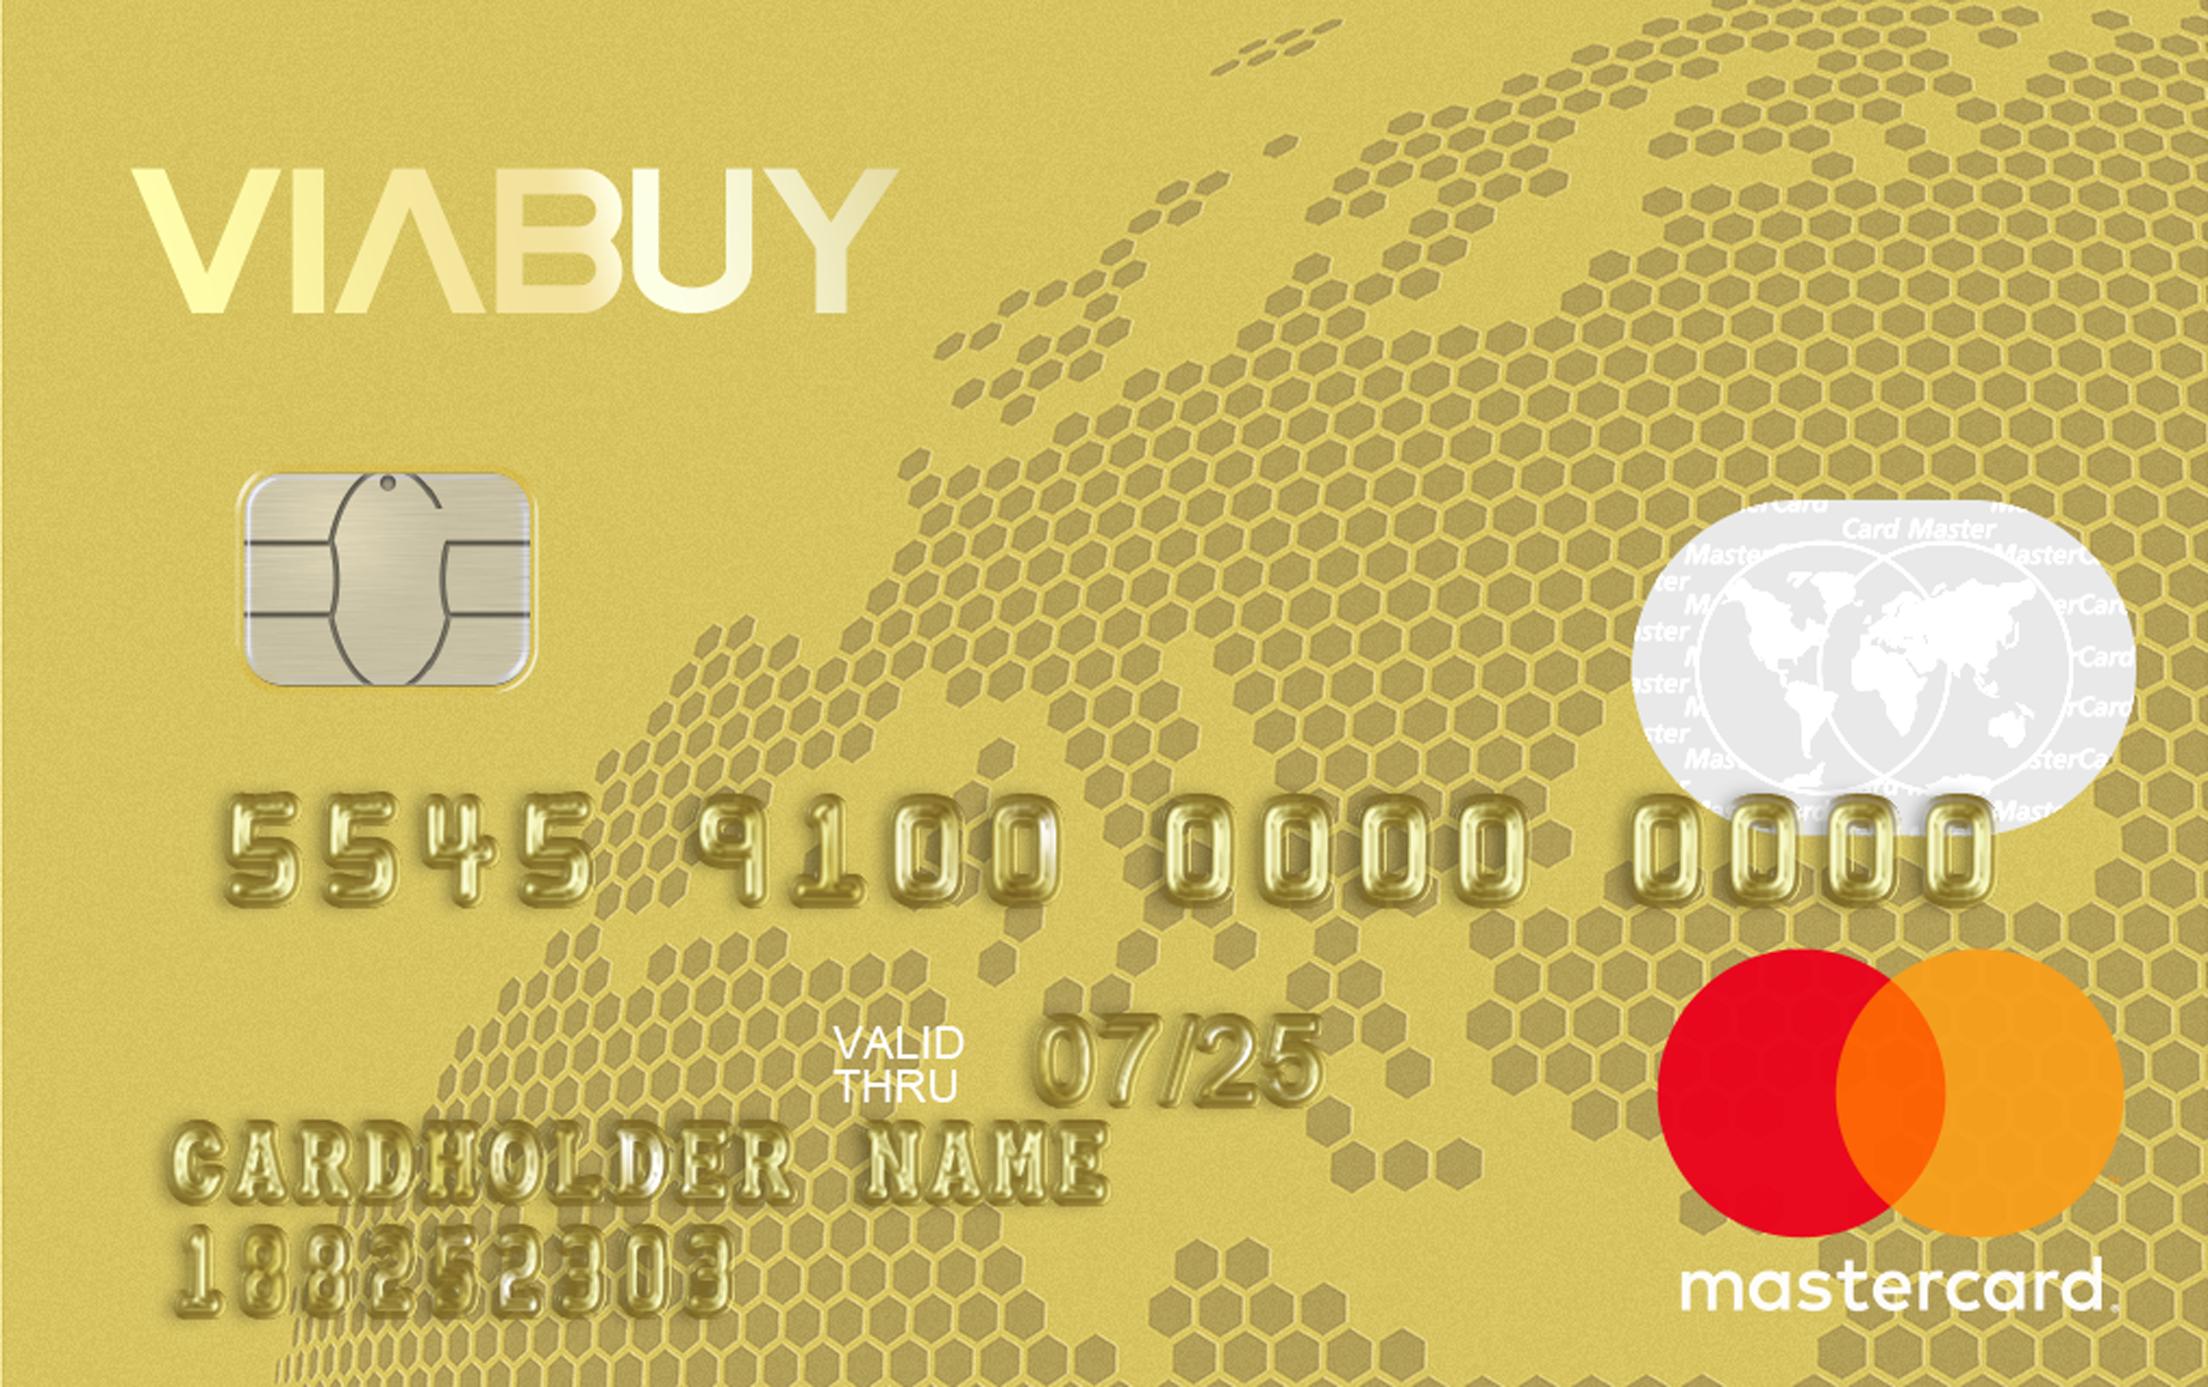 Italia - gold card 1280x720